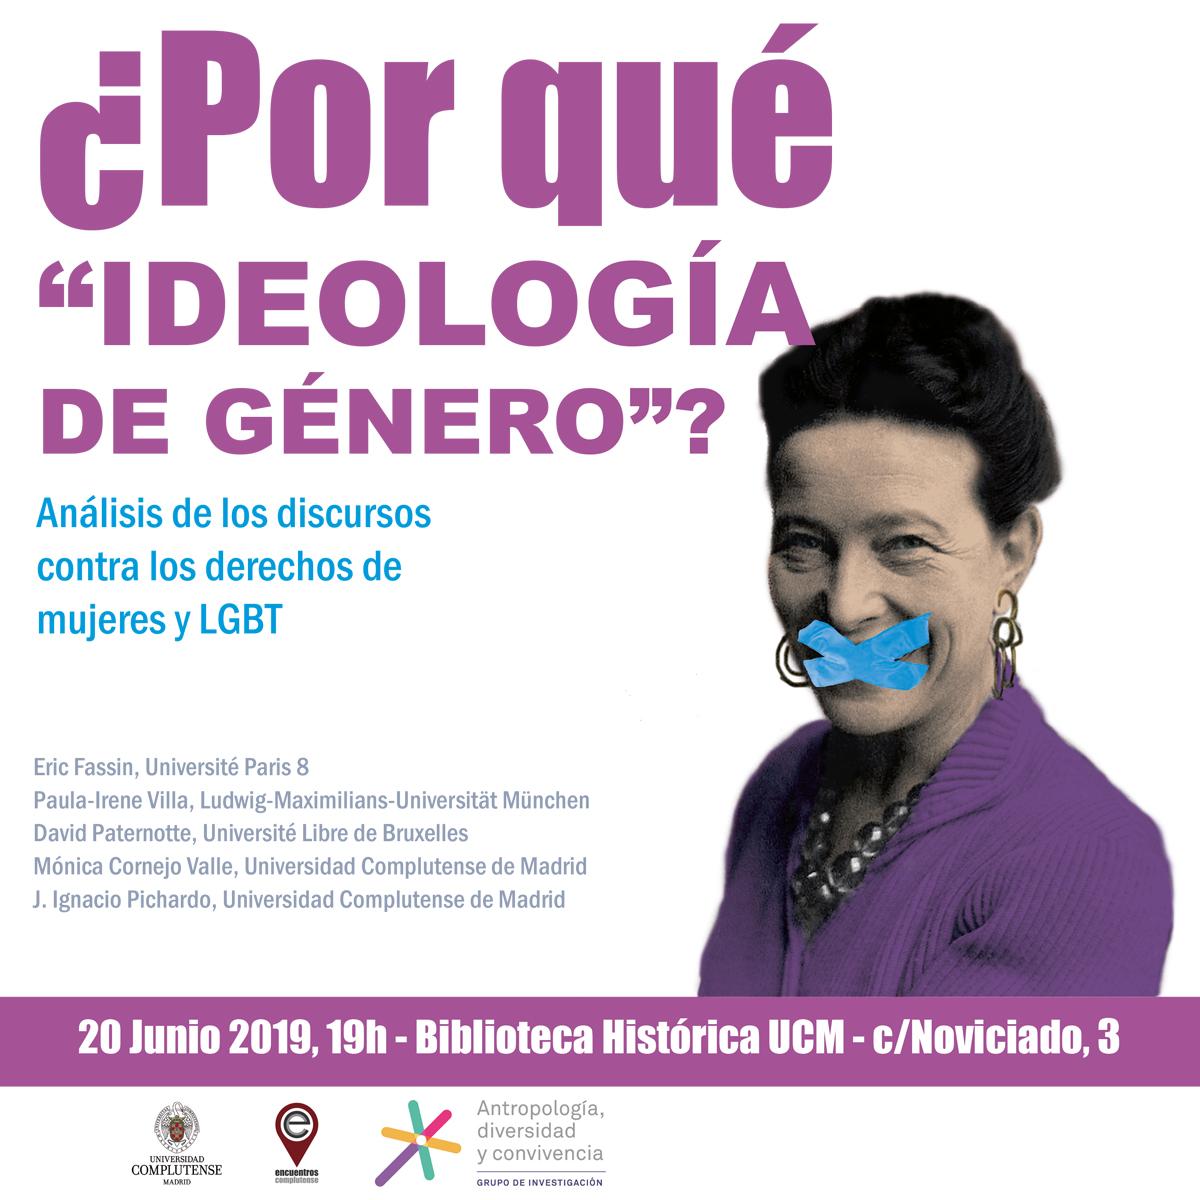 """Debate: """"¿Por qué """"ideología de género""""?: análisis de los discursos contra los derechos de las mujeres y LGTB"""", Madrid, 20 junio de 2019."""